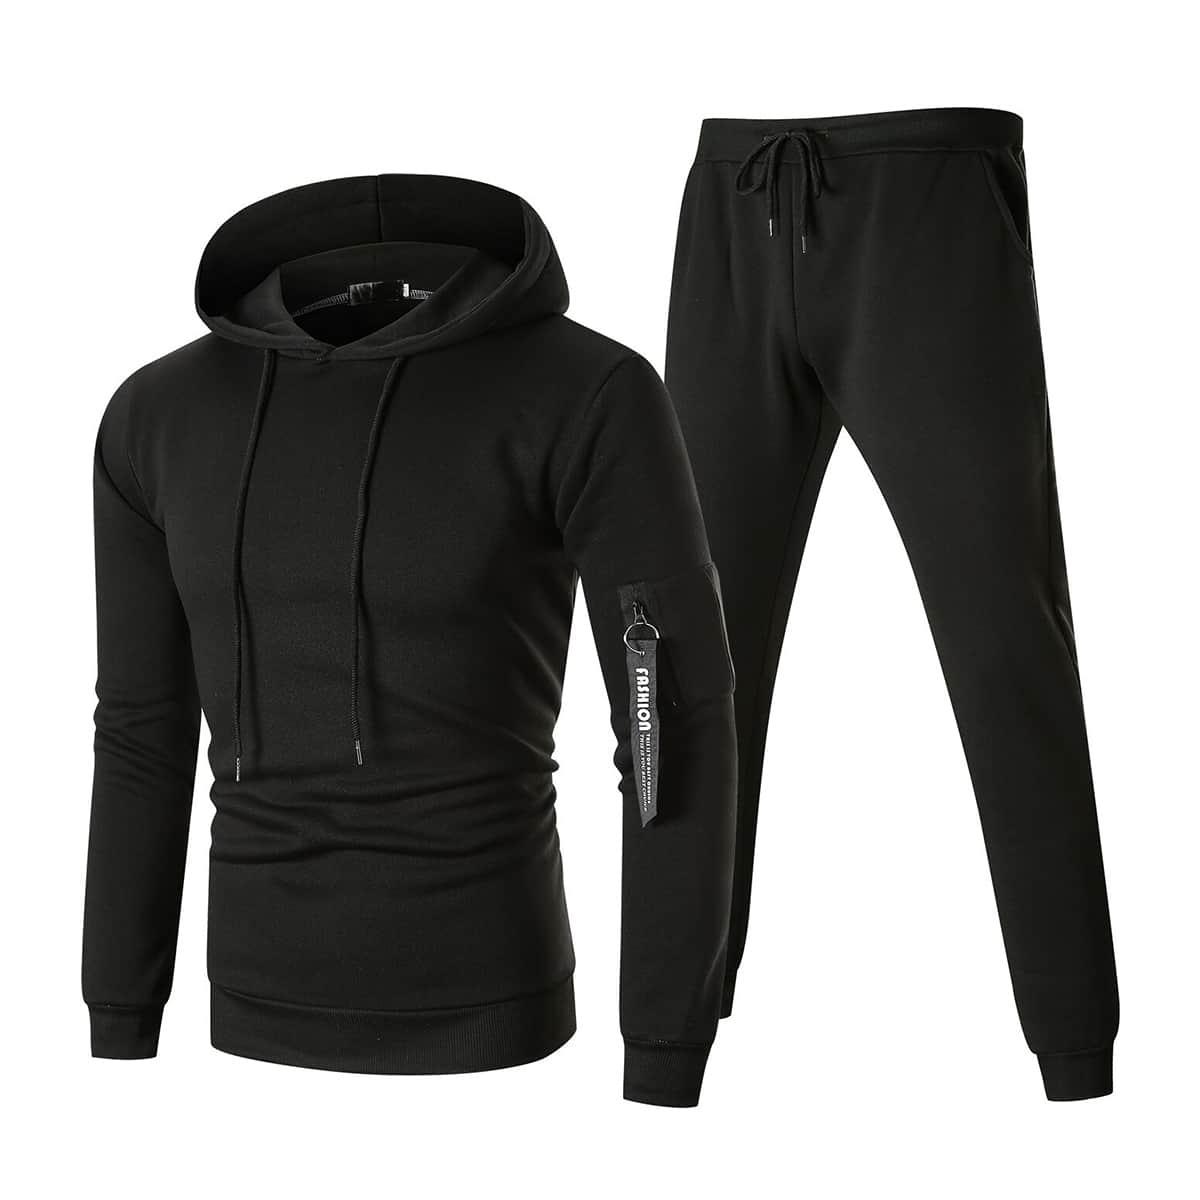 Мужские спортивные брюки и толстовка с молнией